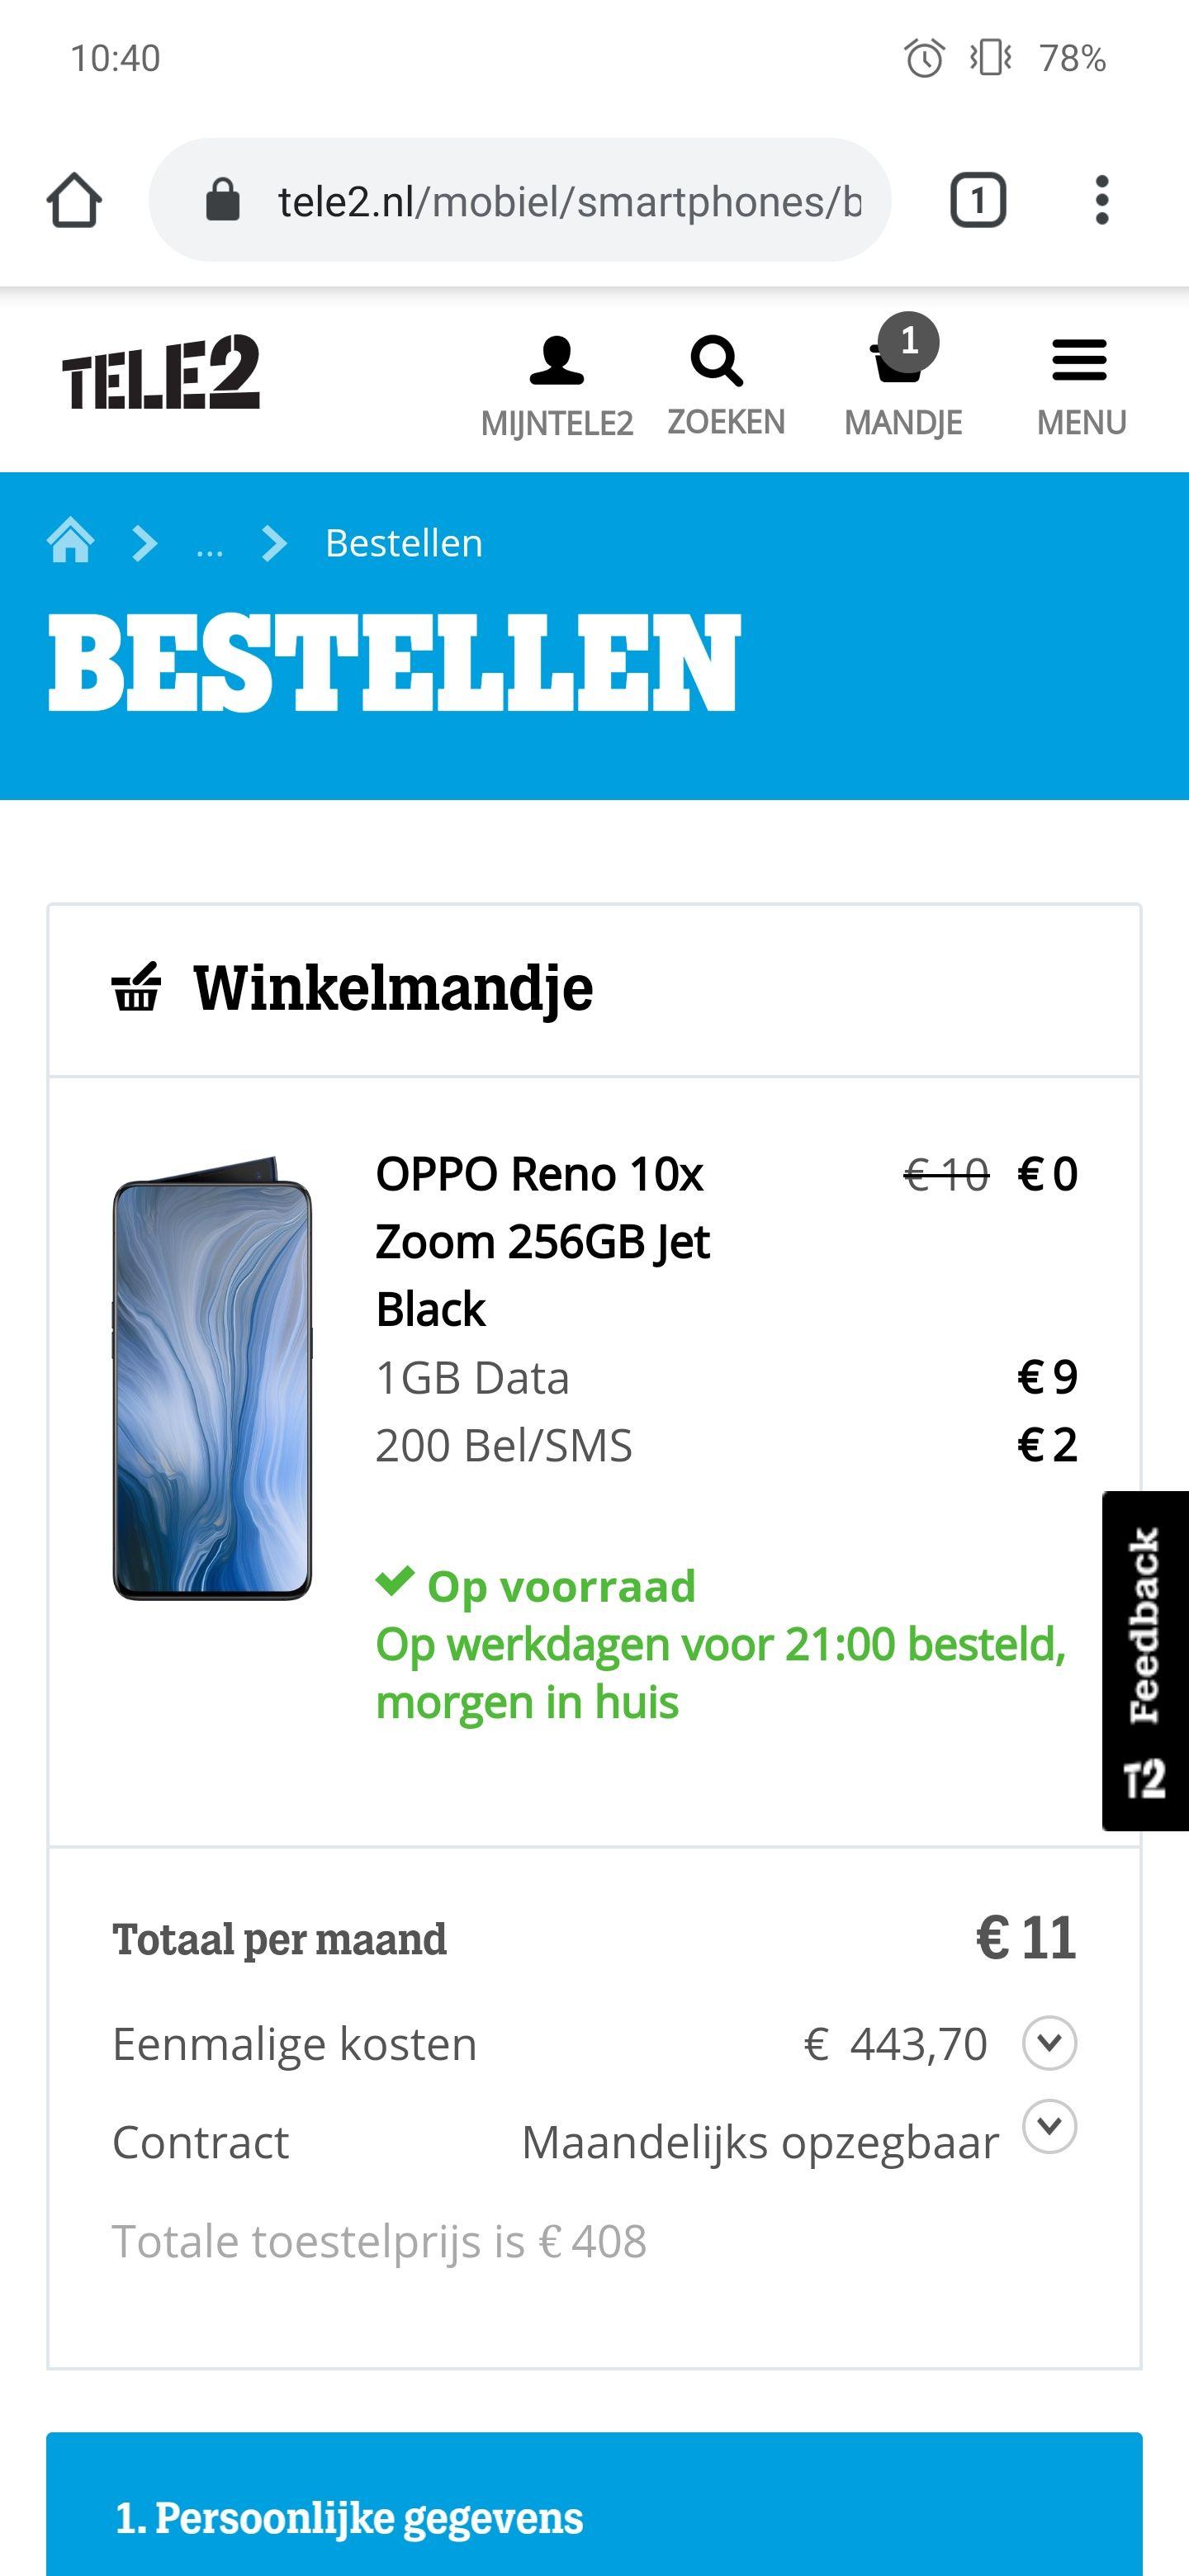 OPPO Reno 10x Zoom bij Tele2 voor € 454,70